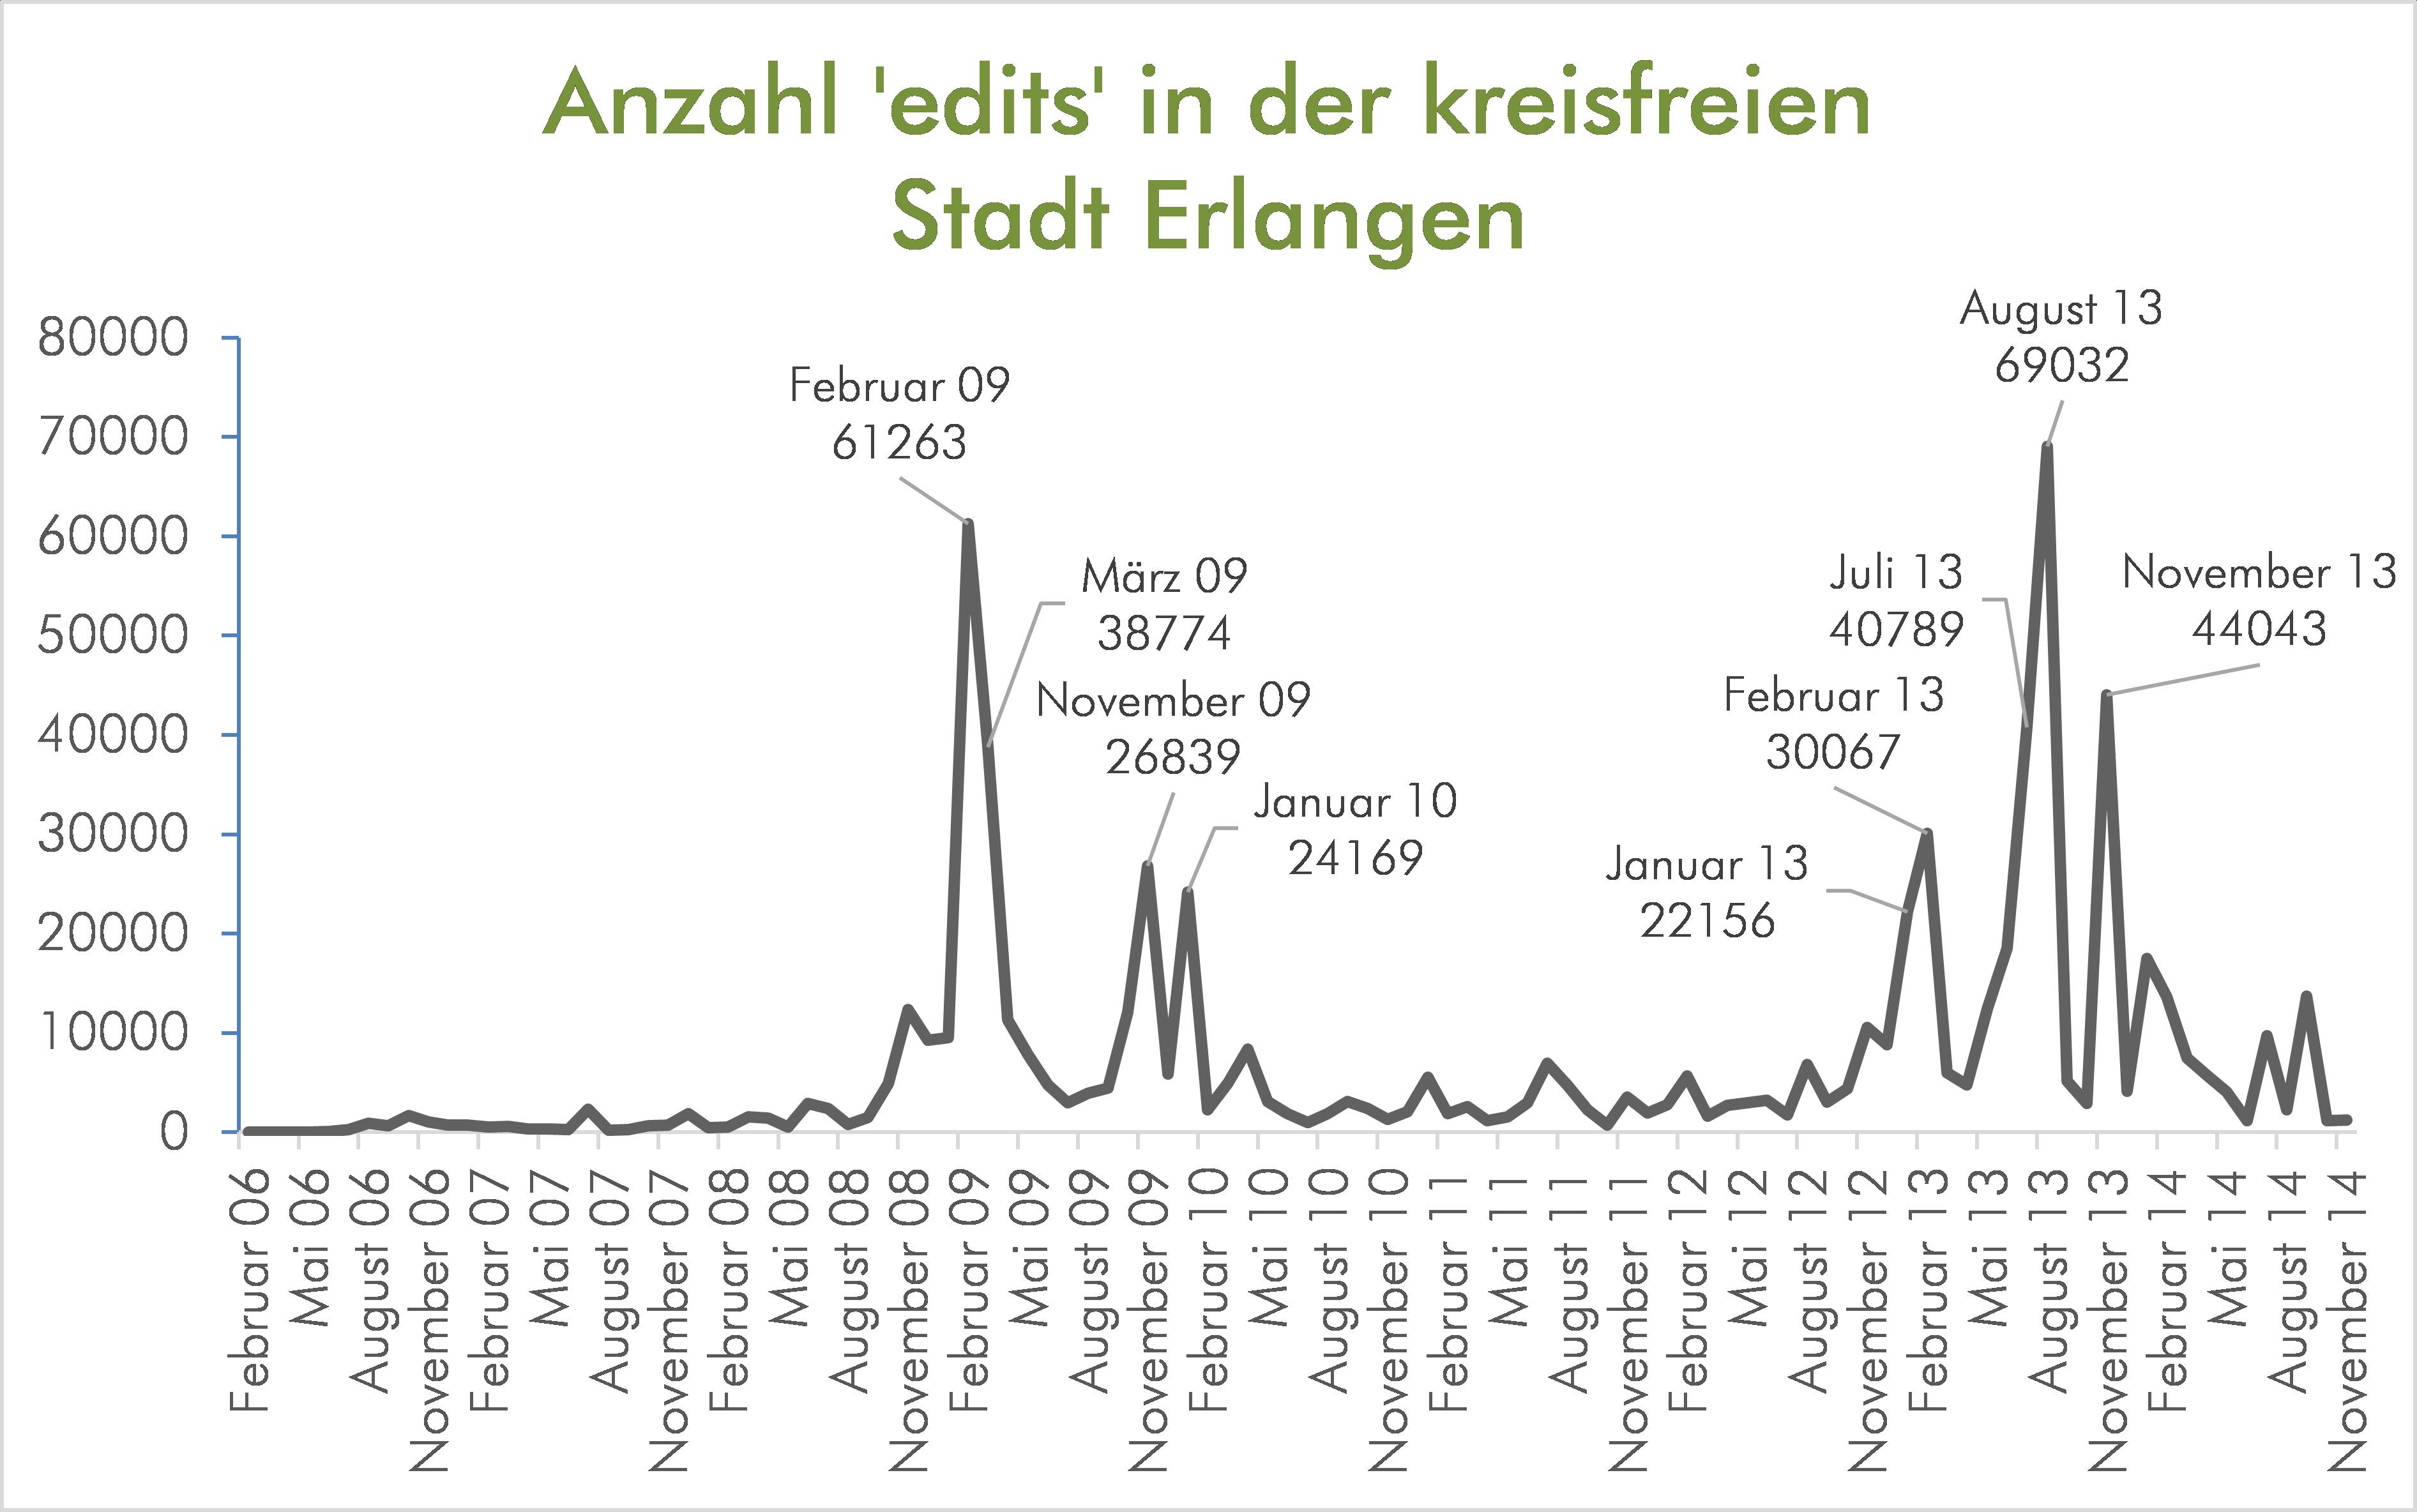 Anzahl der edits in der kreisfreien Stadt Erlangen